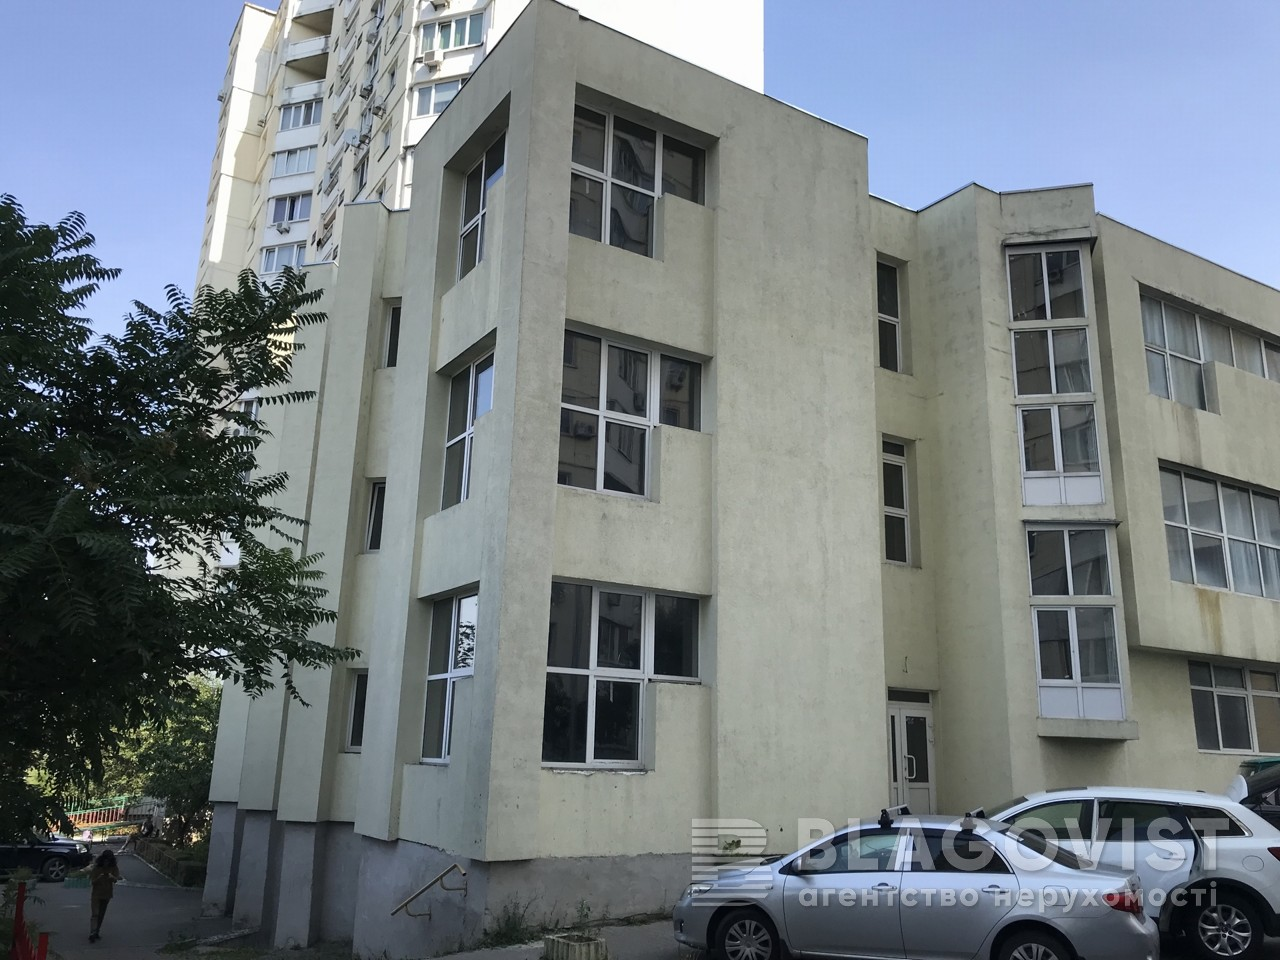 Нежилое помещение, R-37583, Эрнста, Киев - Фото 1